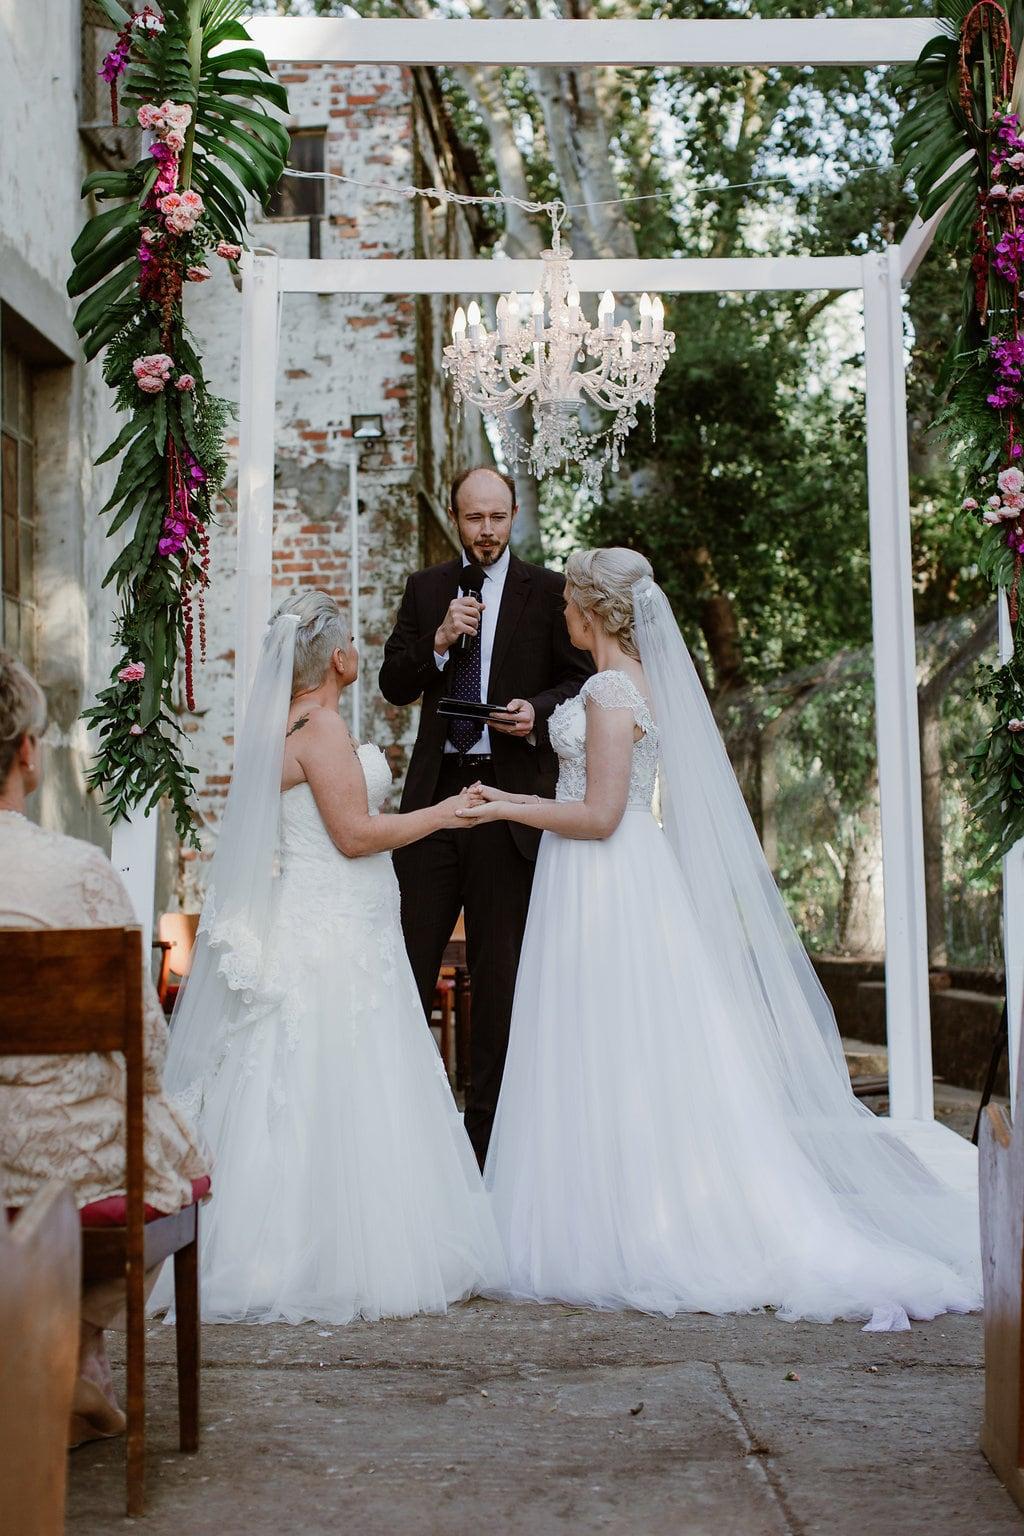 Two Brides at Wedding Ceremony | Image: Jenni Elizabeth